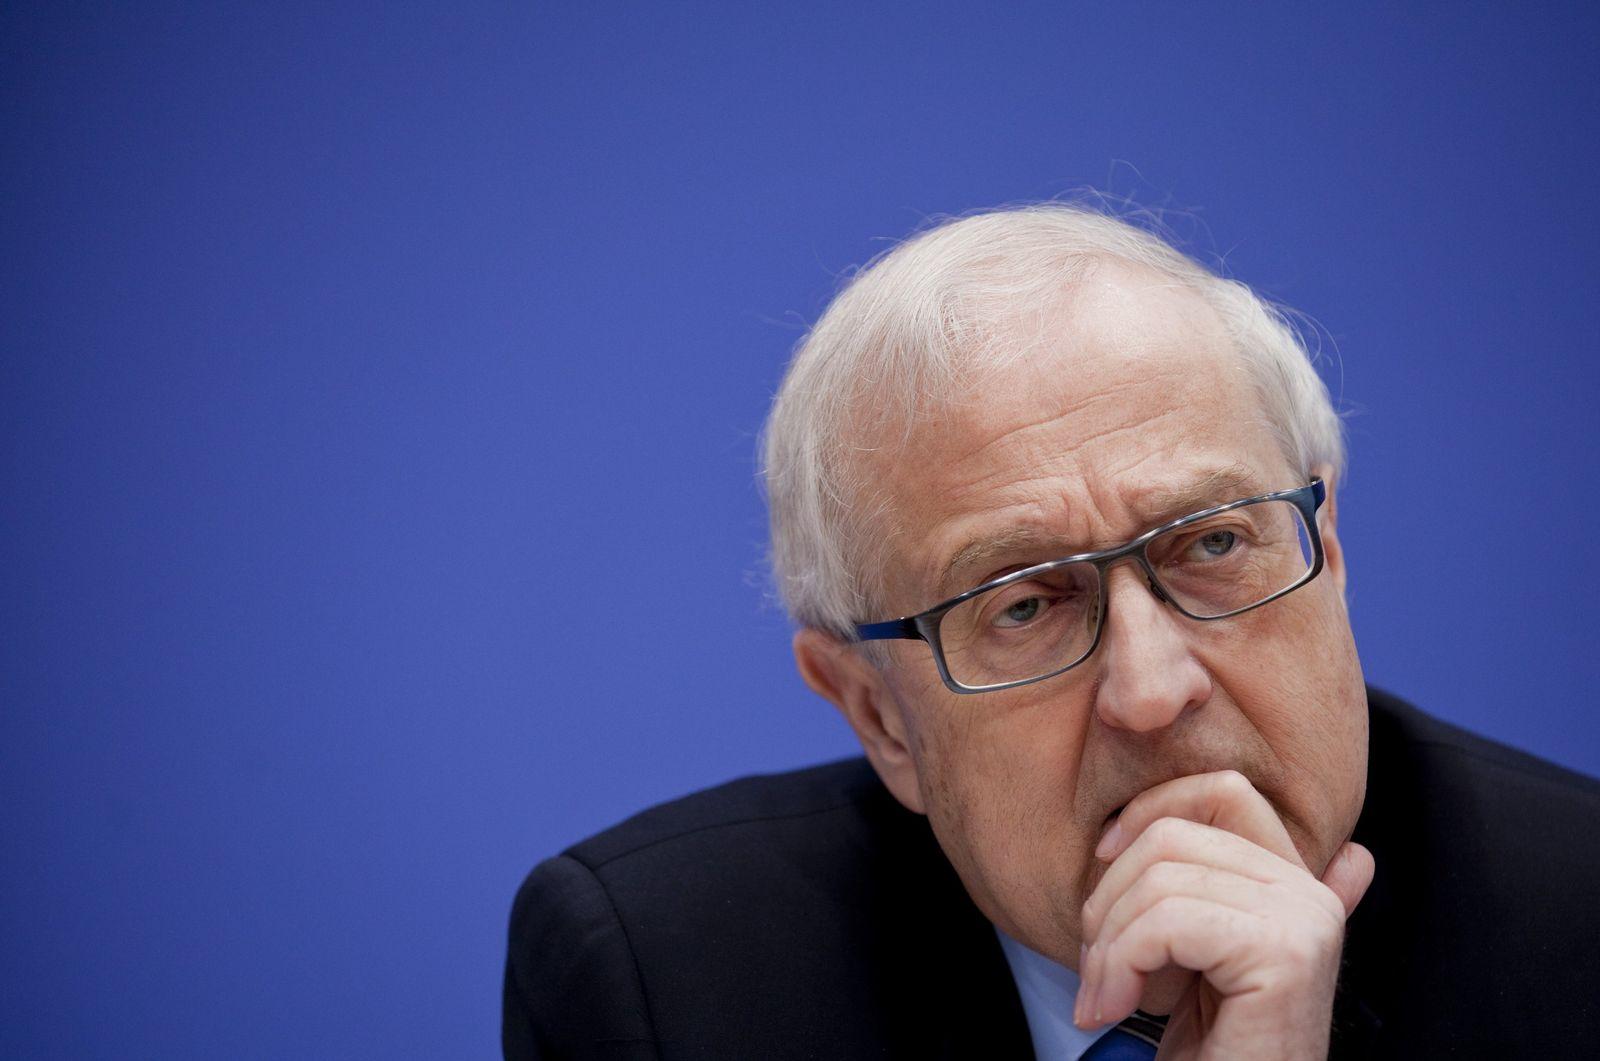 Wirtschaftsminister Brüderle stellt Frühjahrsprognose vor